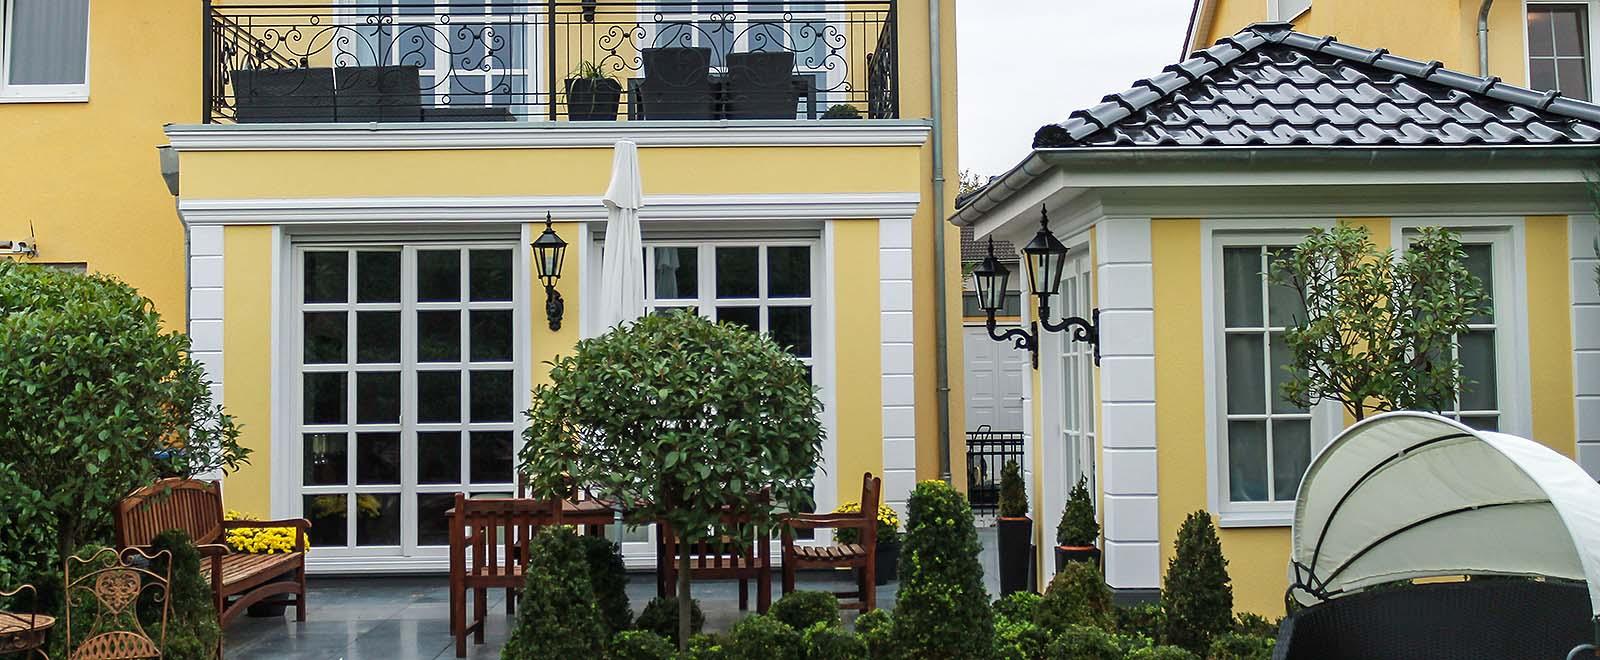 Bossensteine für die Gestaltung der Ecken einer Hausfassade – Praktische Tipps zum selber machen